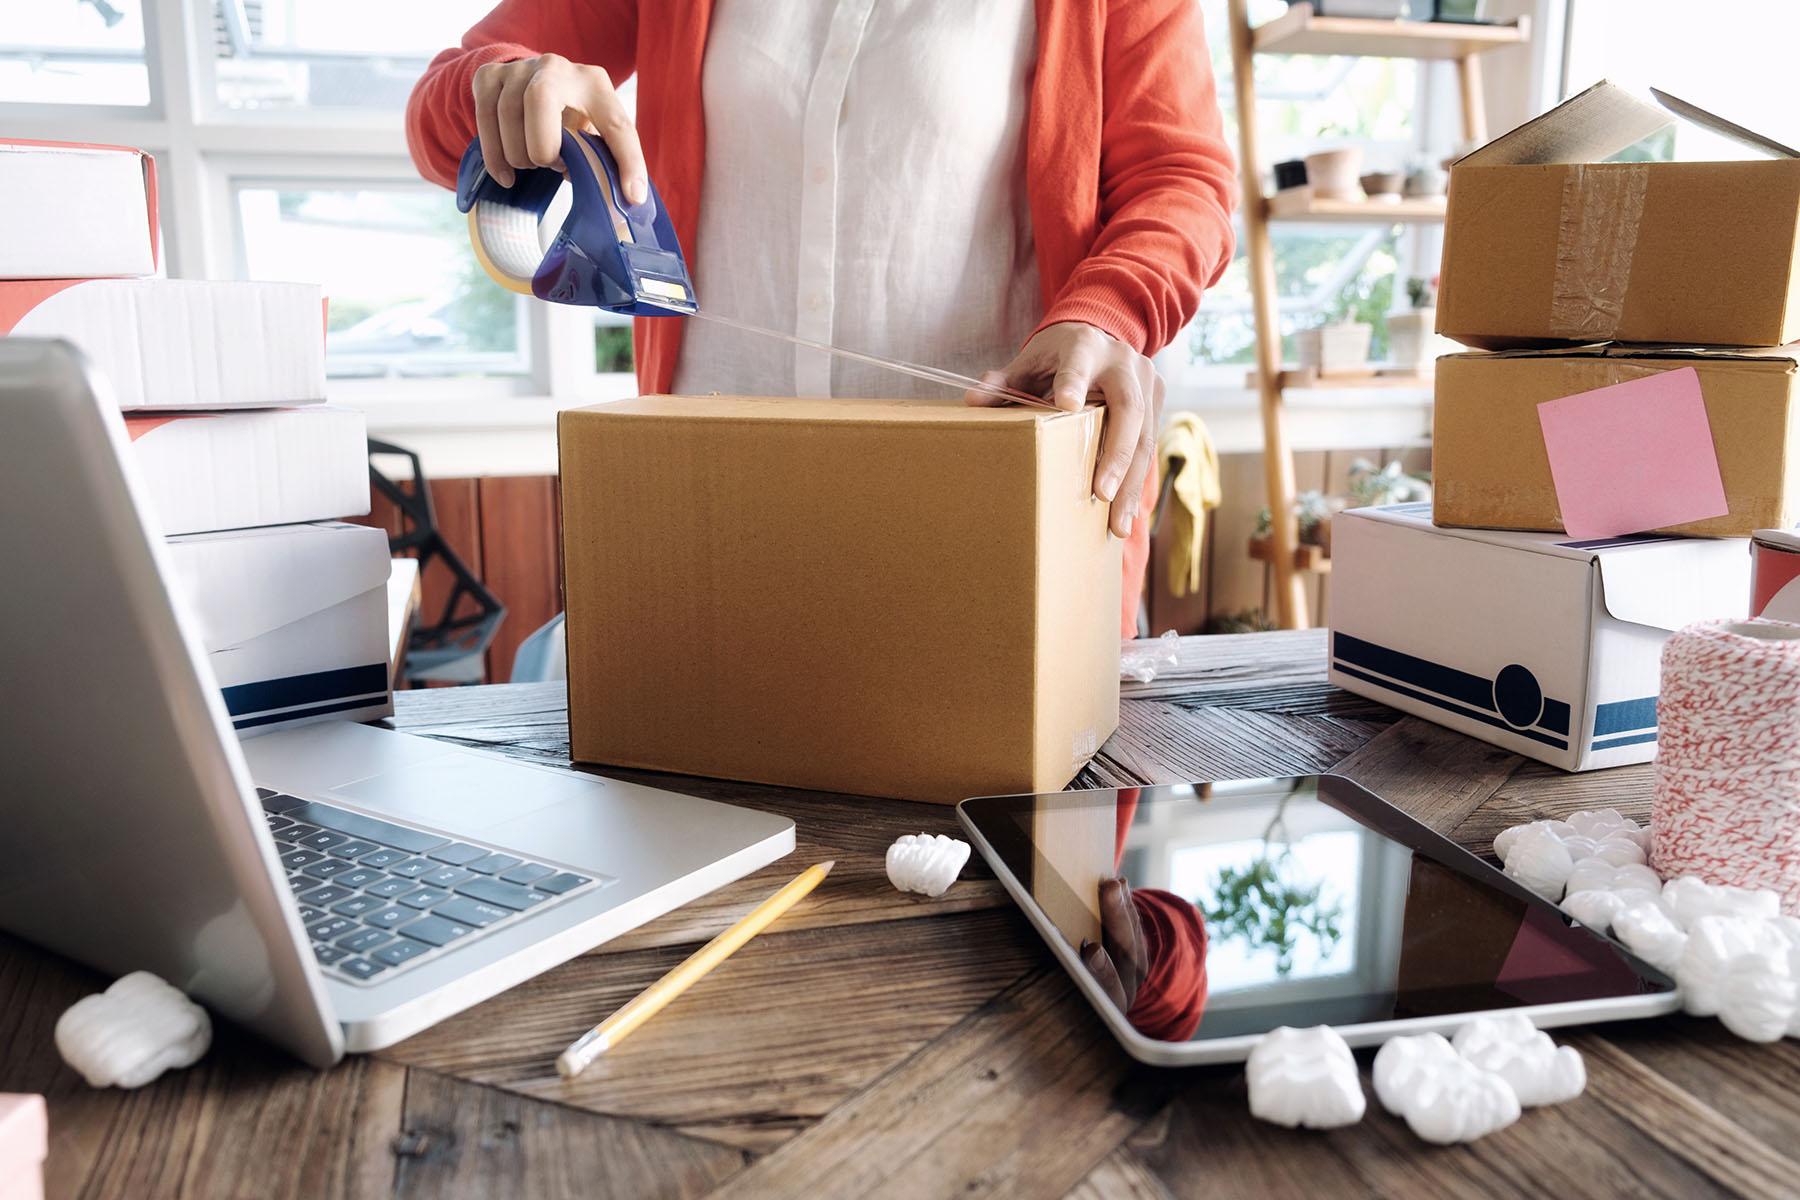 Vendere Su Amazon E Ebay Come Spedire I Tuoi Prodotti In Sicurezza Ratioform Blog